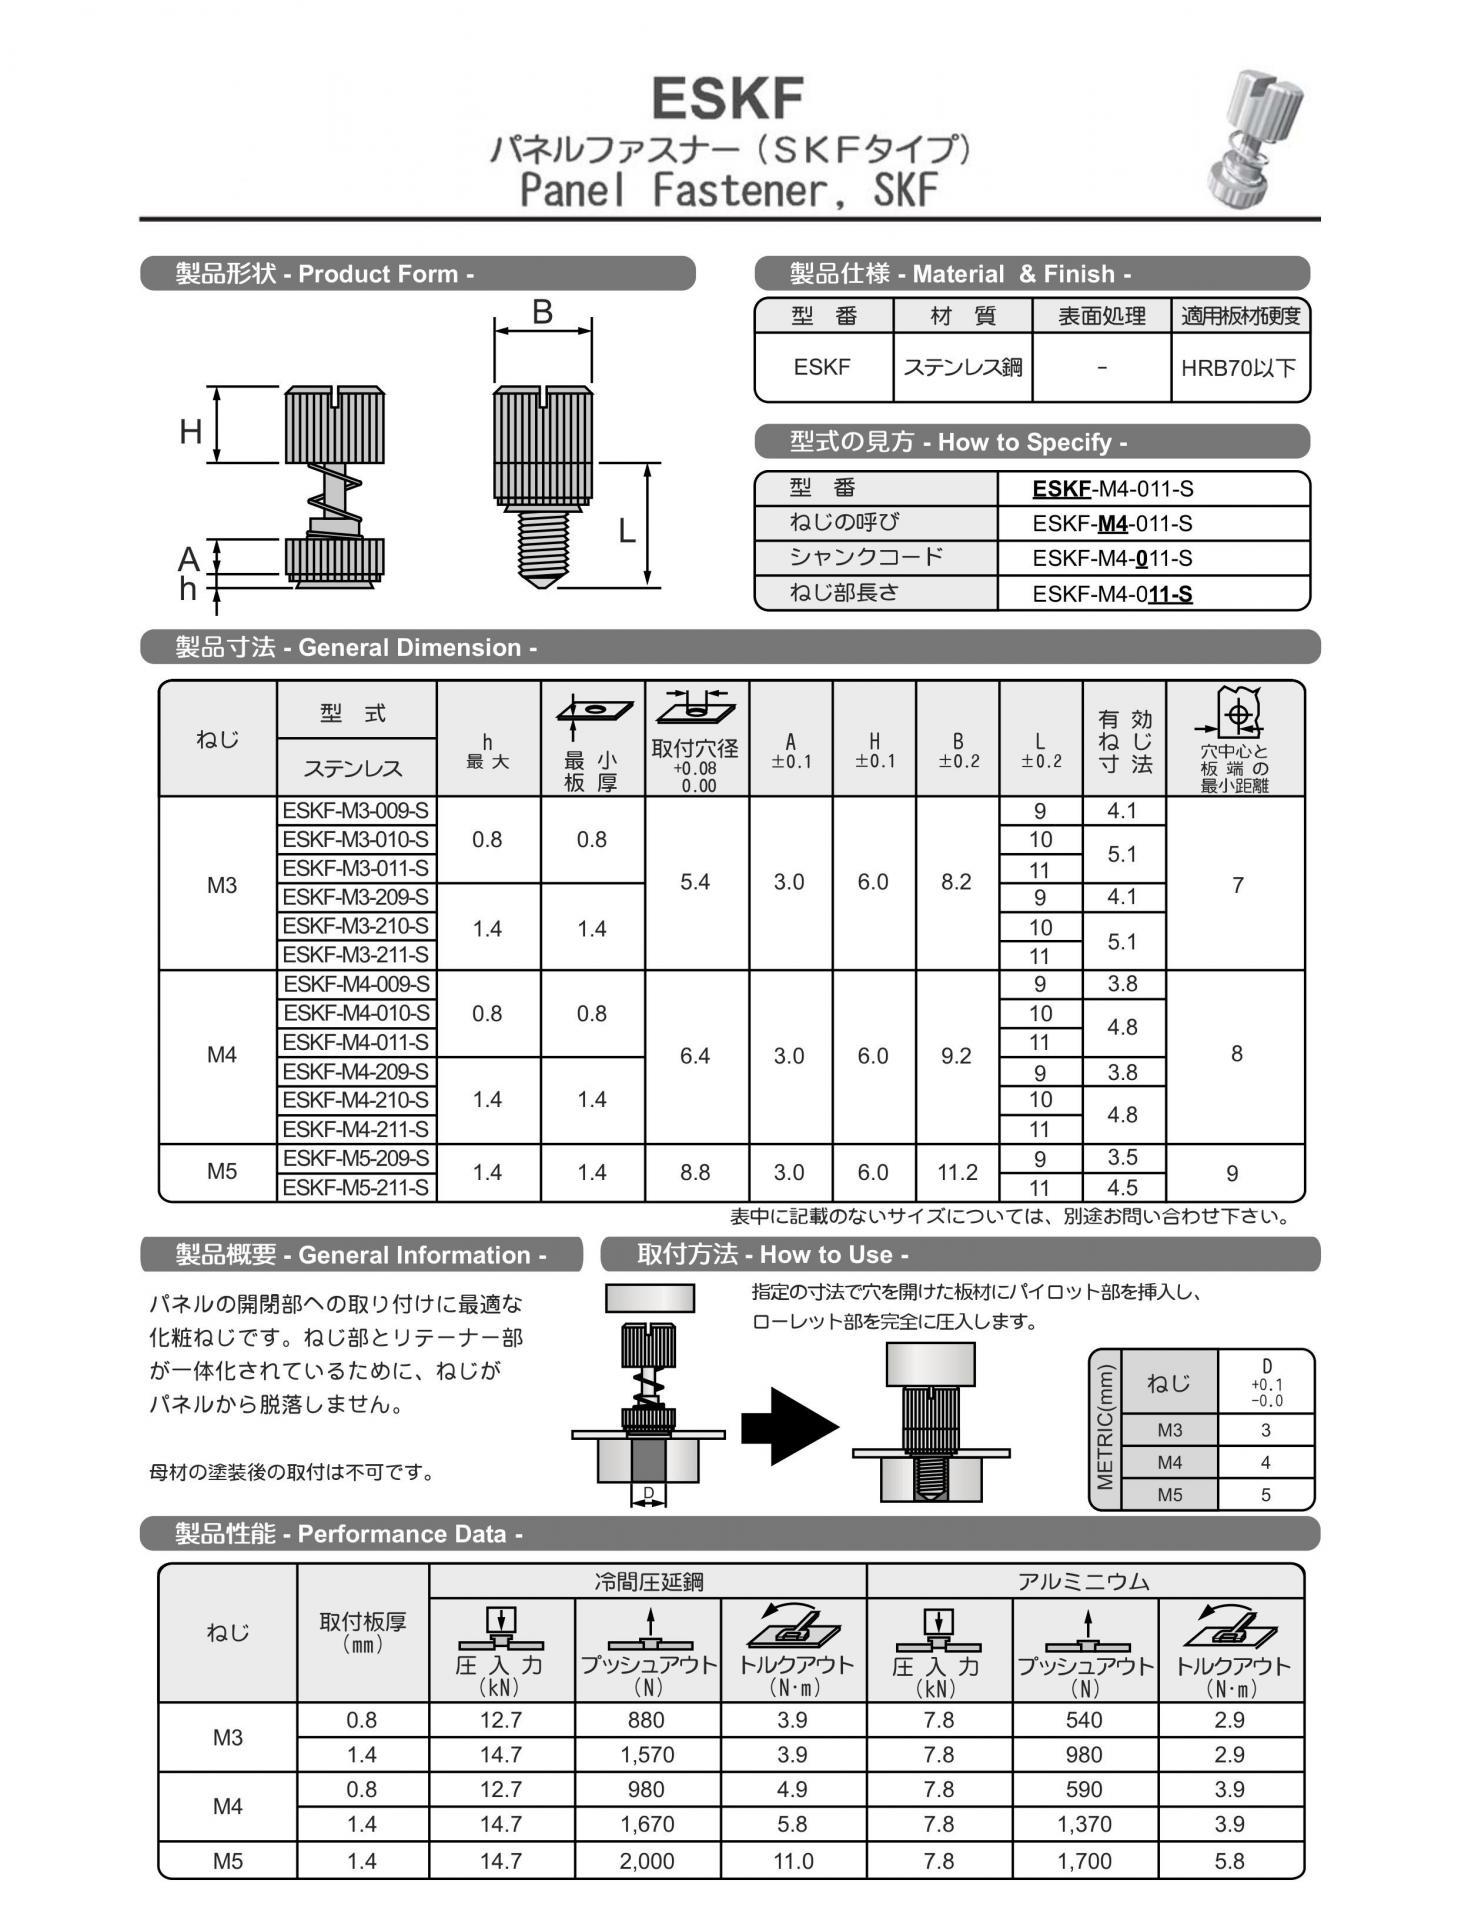 Panel Fastener, SKF (ESKF)